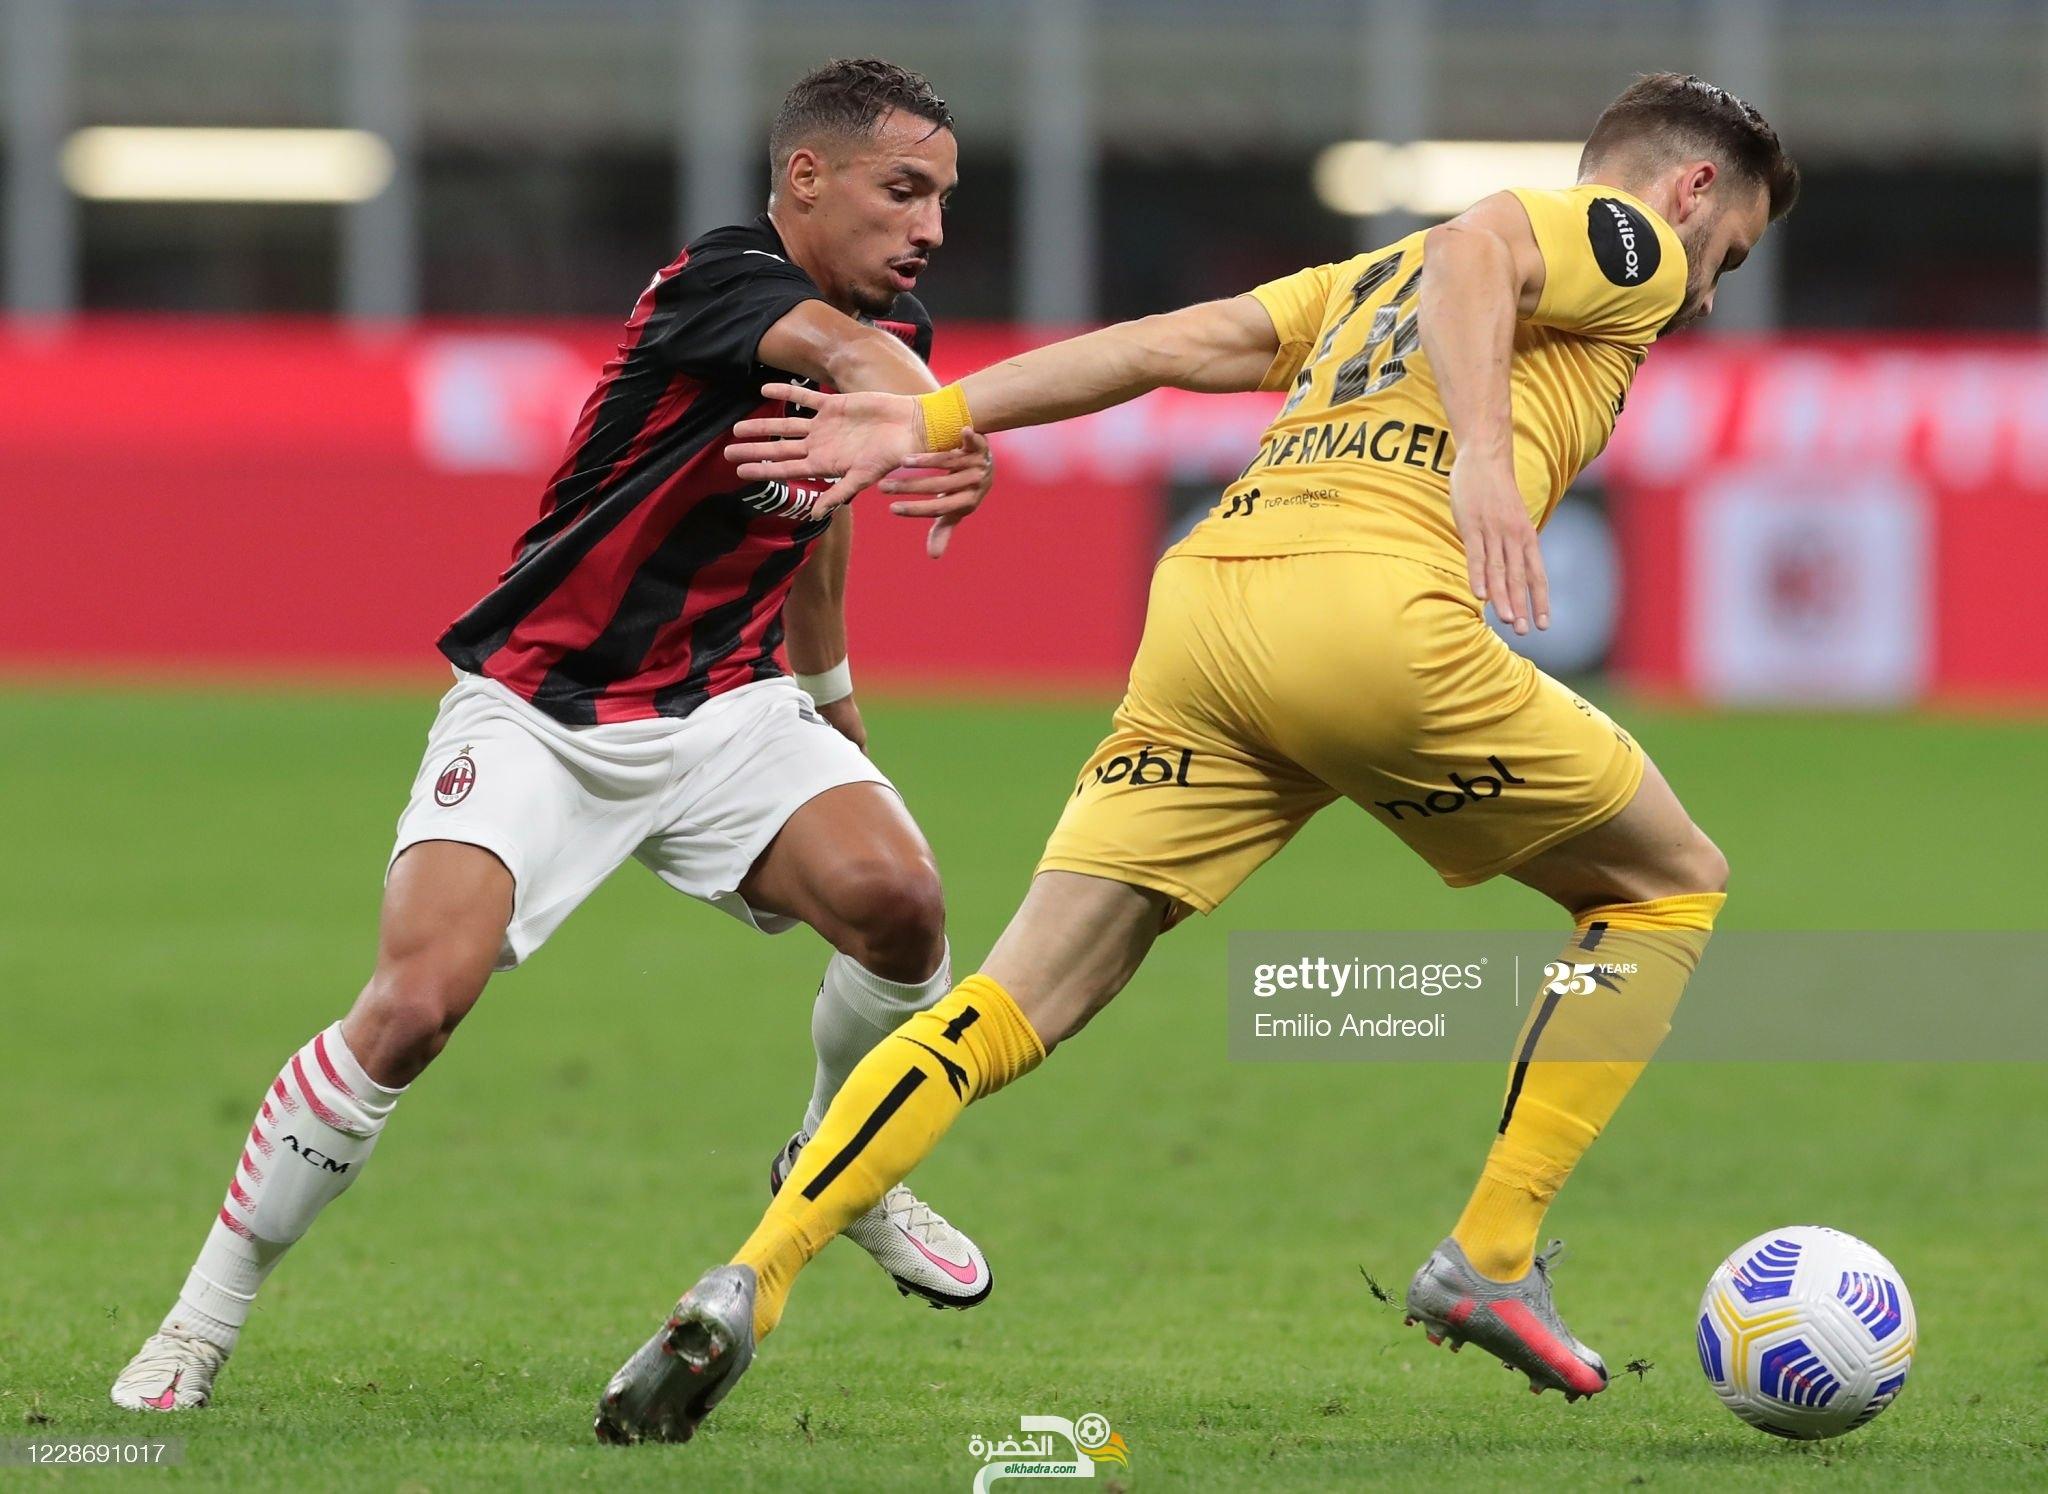 الدوري الأوروبي : بن ناصر اساسي في فوز ميلان على ضيفه مودو النرويجي 27